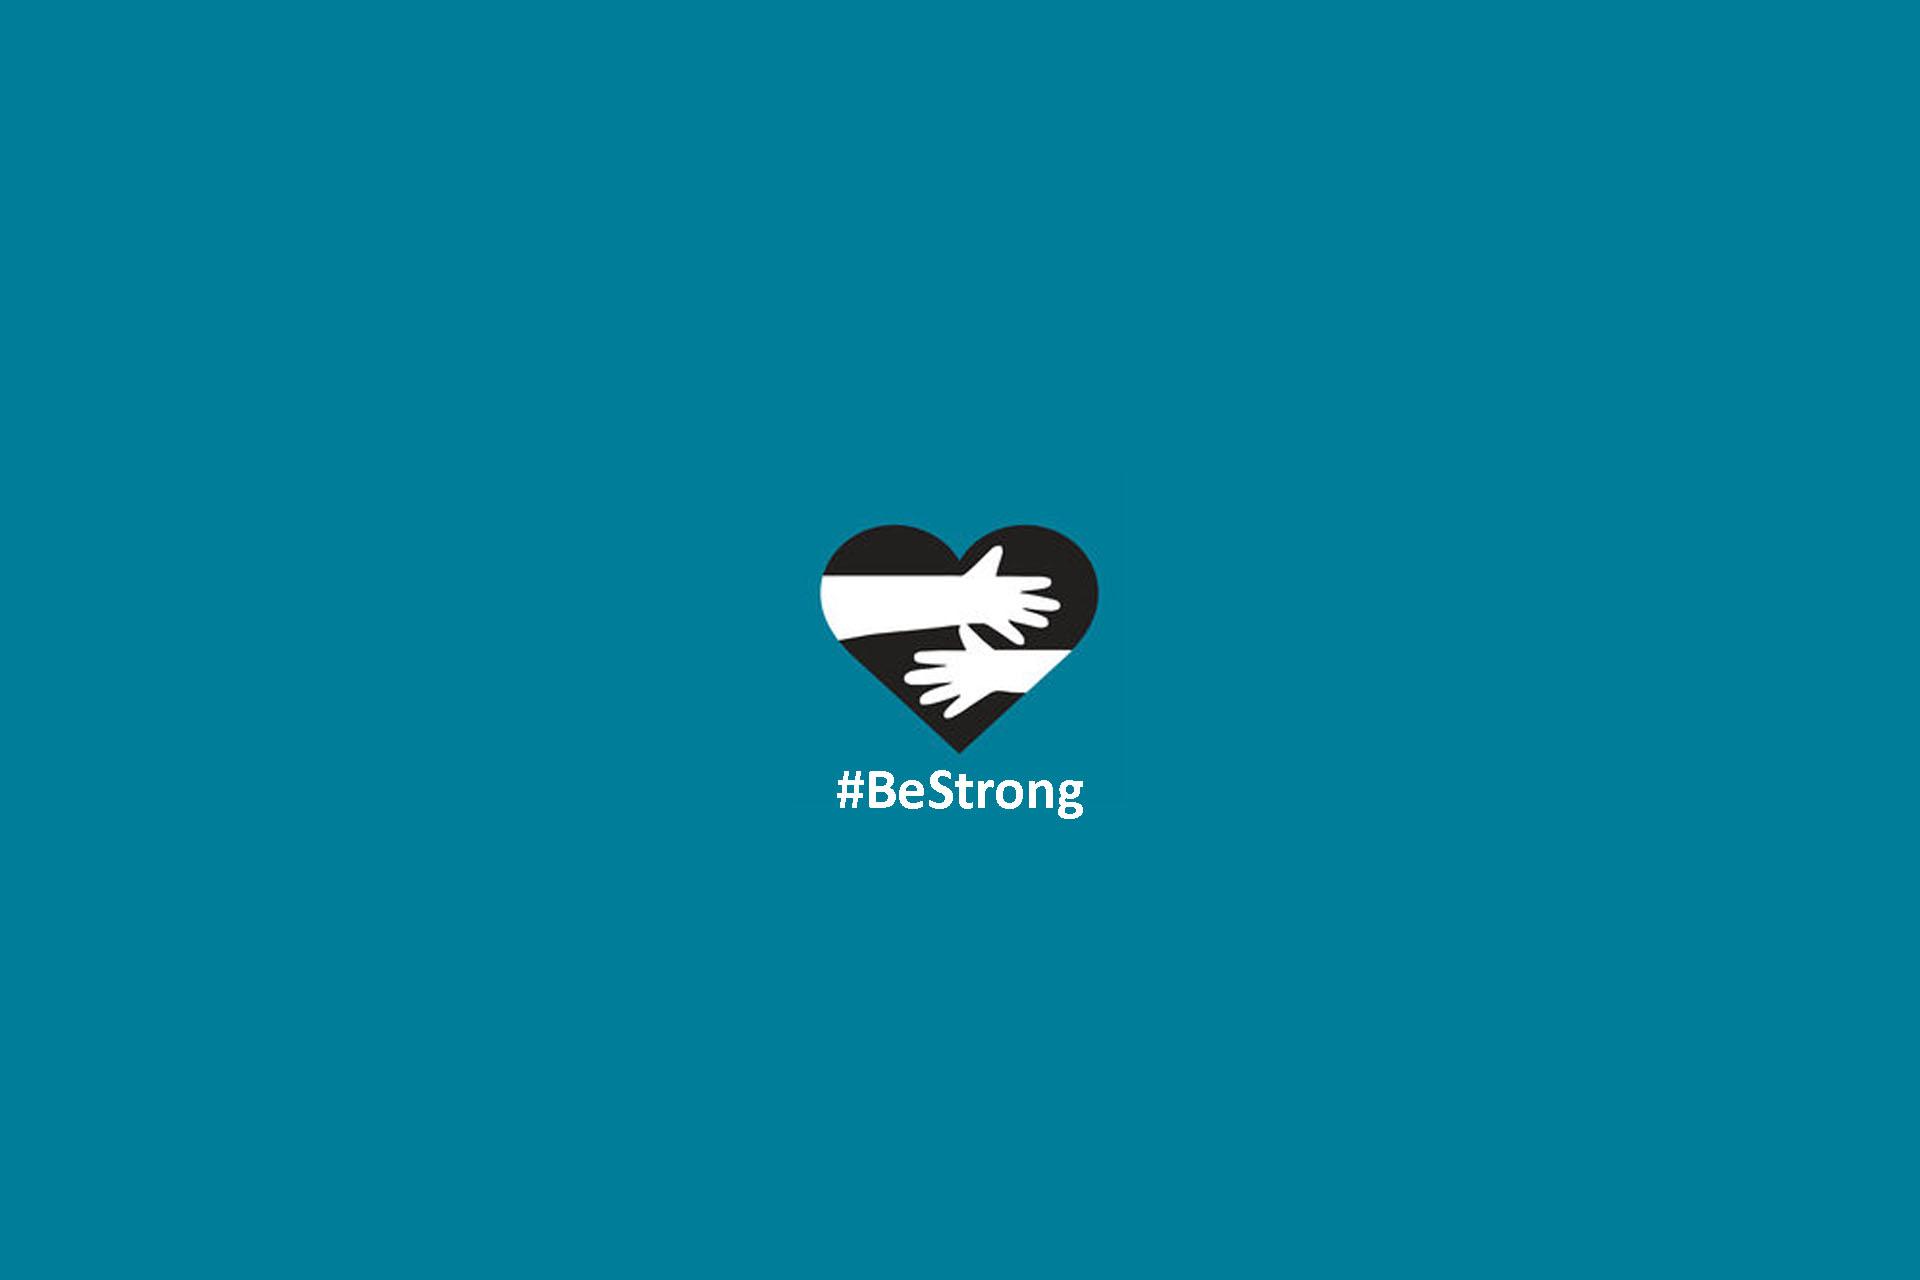 Una campaña recrea el Bullying Online en la vida real